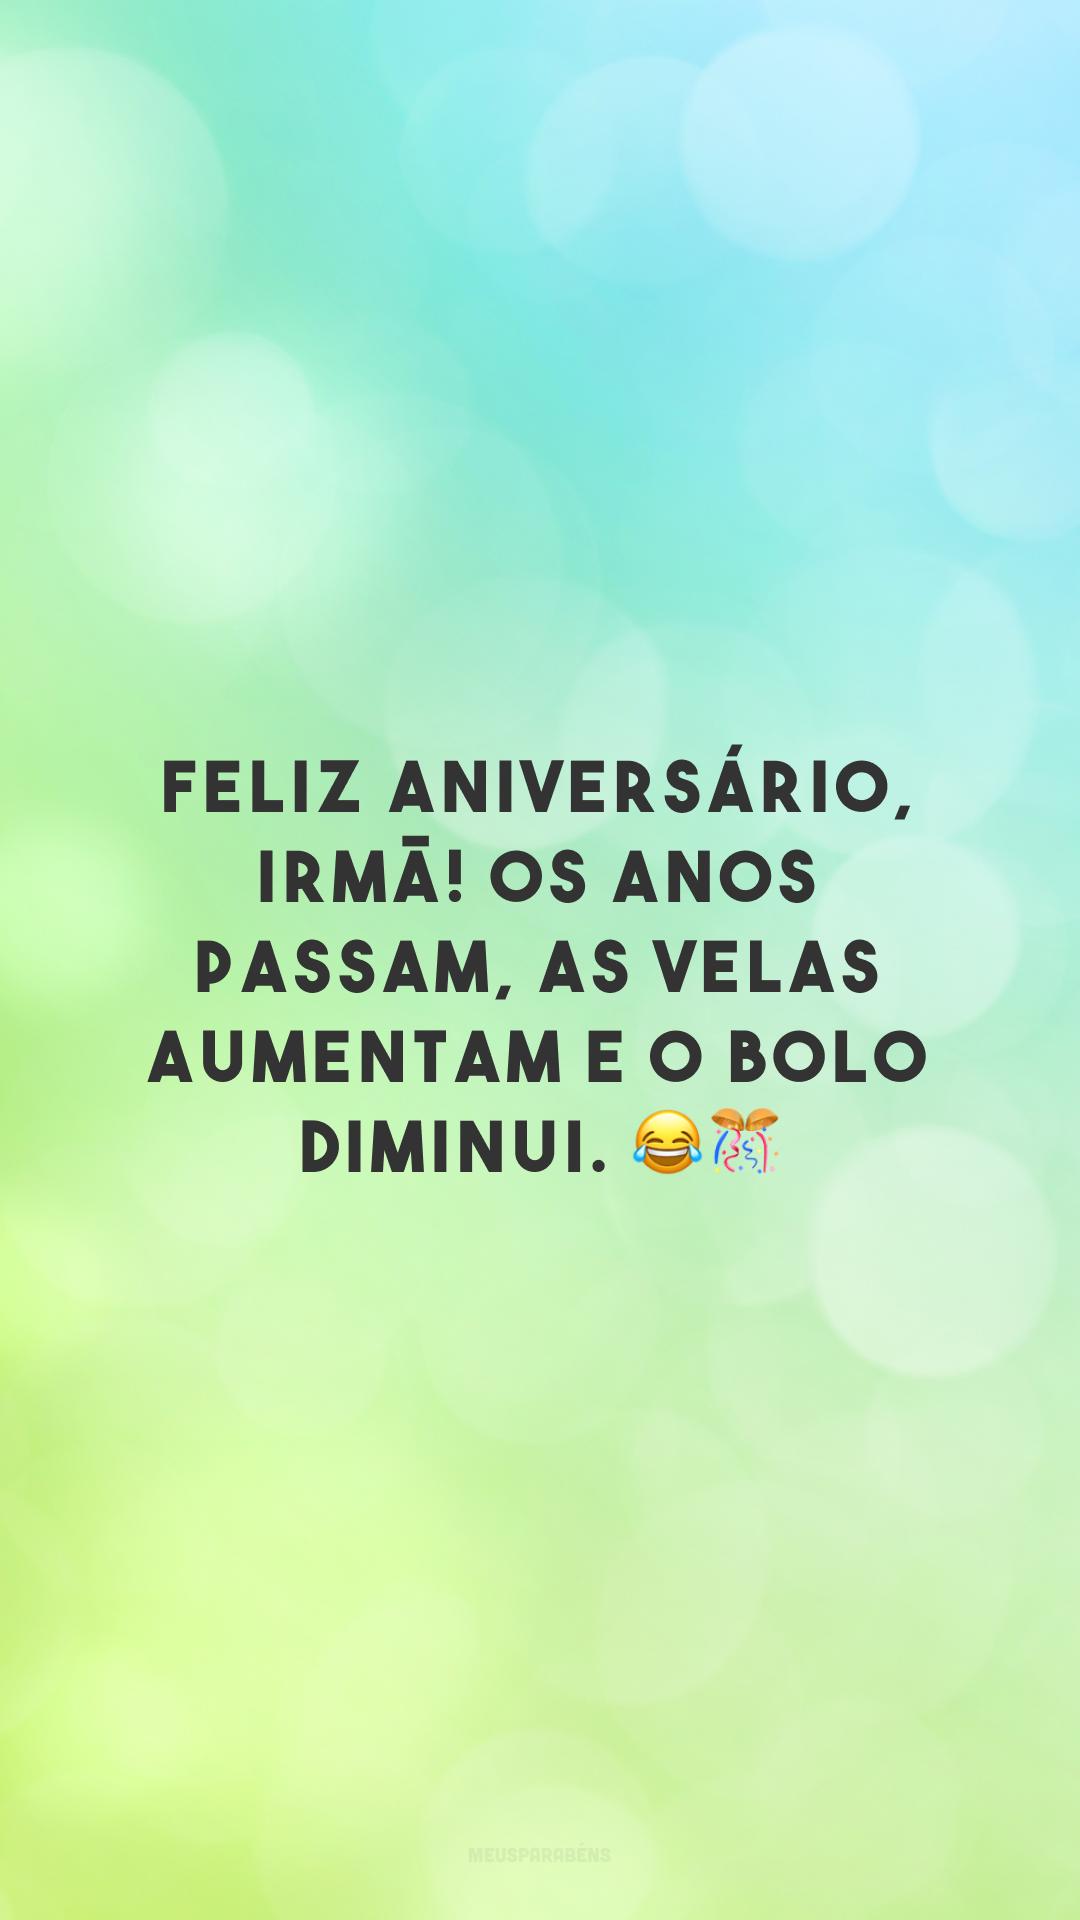 Feliz aniversário, irmã! Os anos passam, as velas aumentam e o bolo diminui. 😂🎊